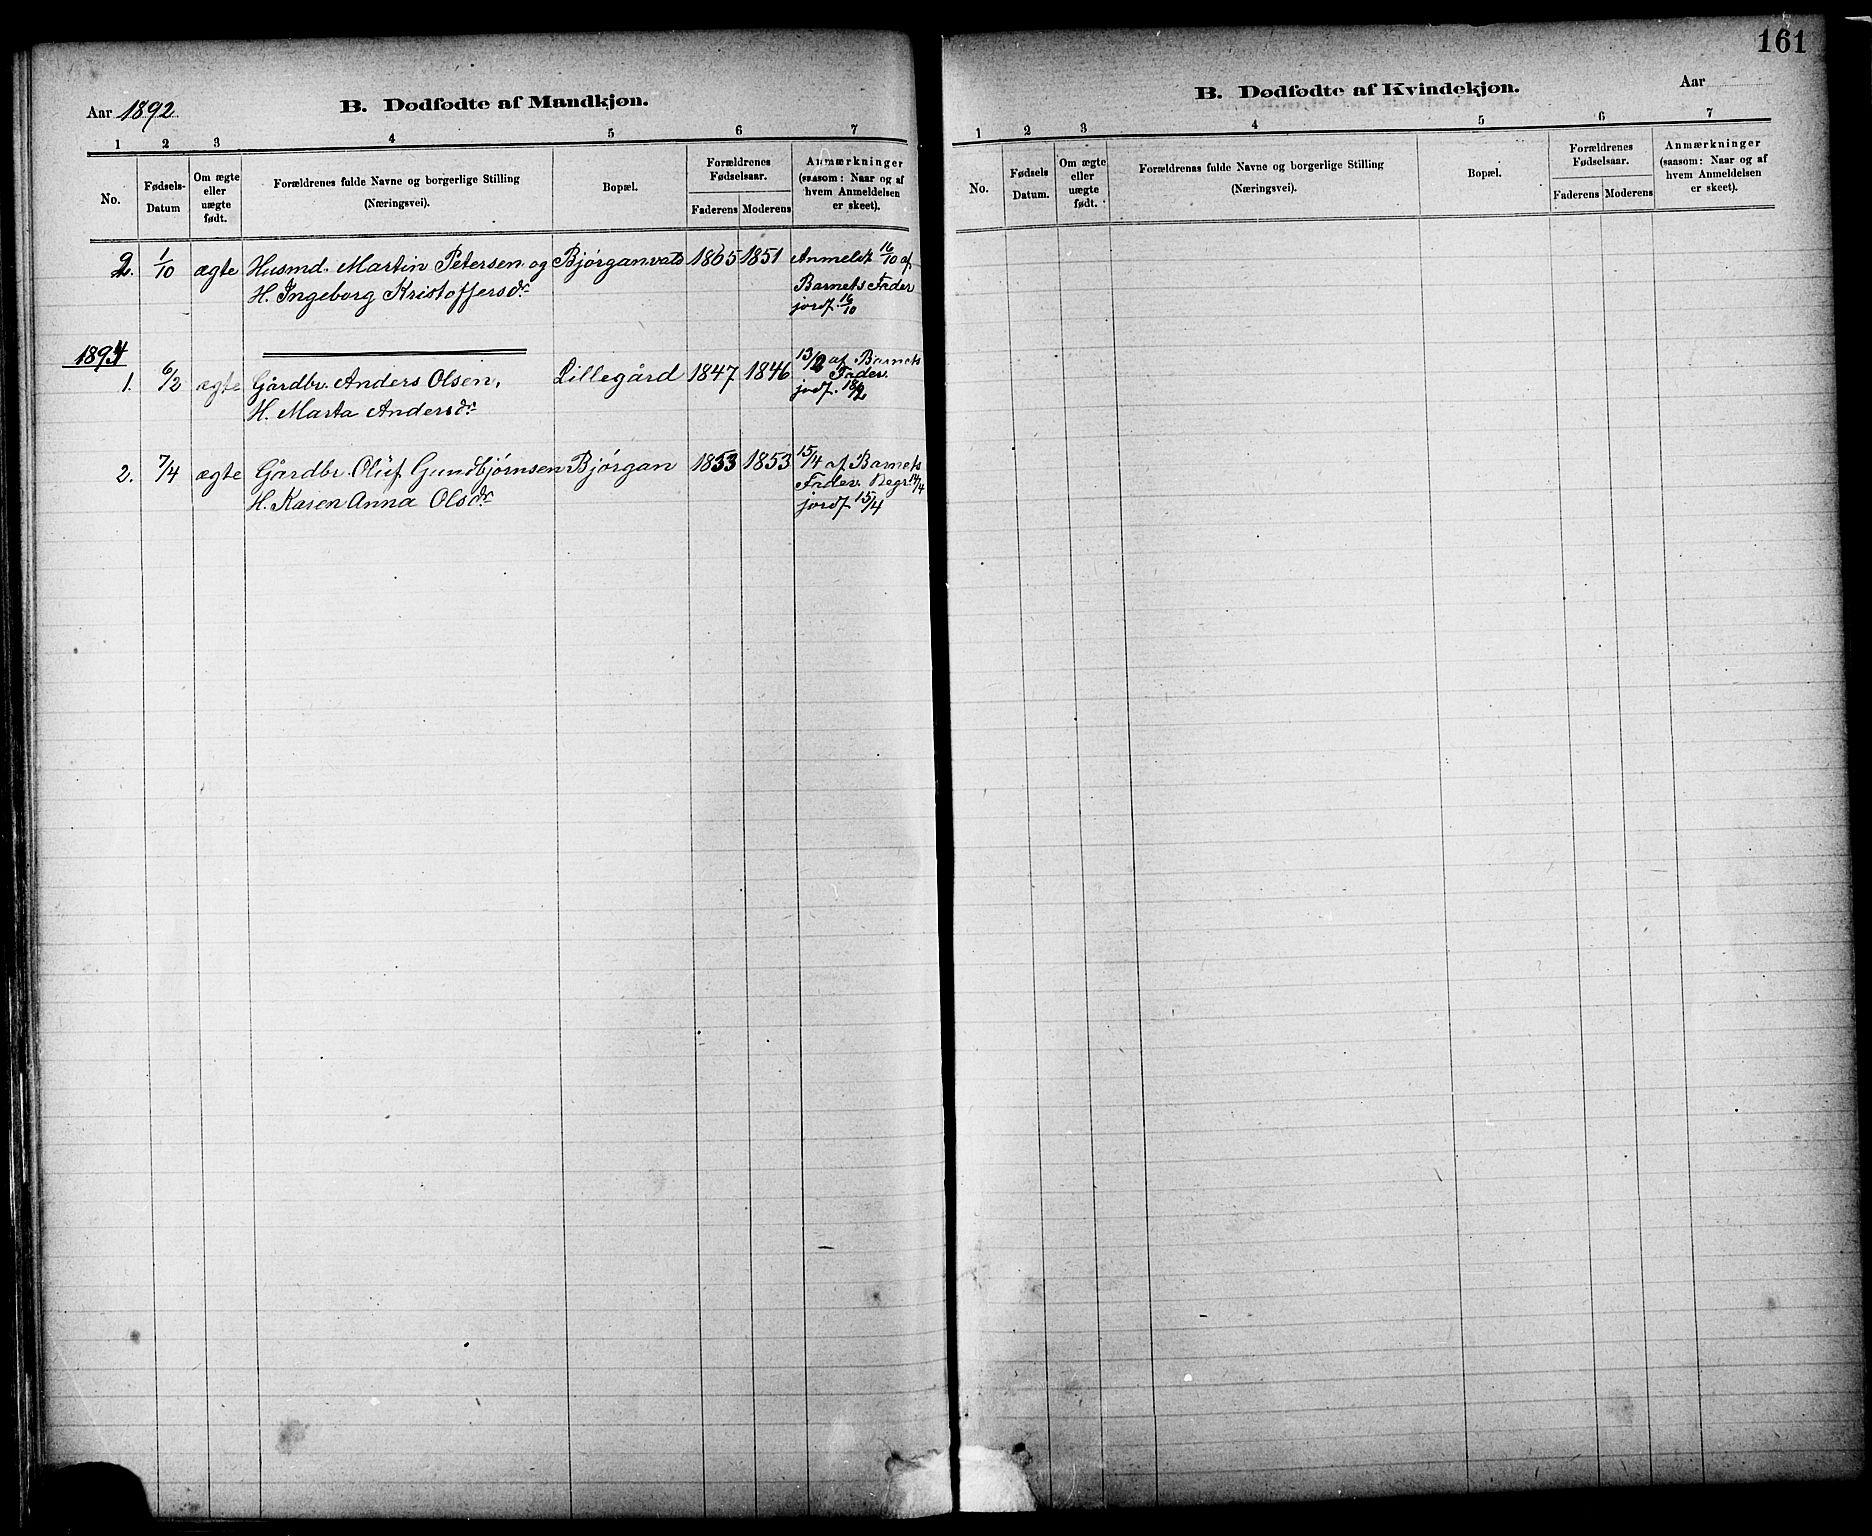 SAT, Ministerialprotokoller, klokkerbøker og fødselsregistre - Nord-Trøndelag, 724/L0267: Klokkerbok nr. 724C03, 1879-1898, s. 161